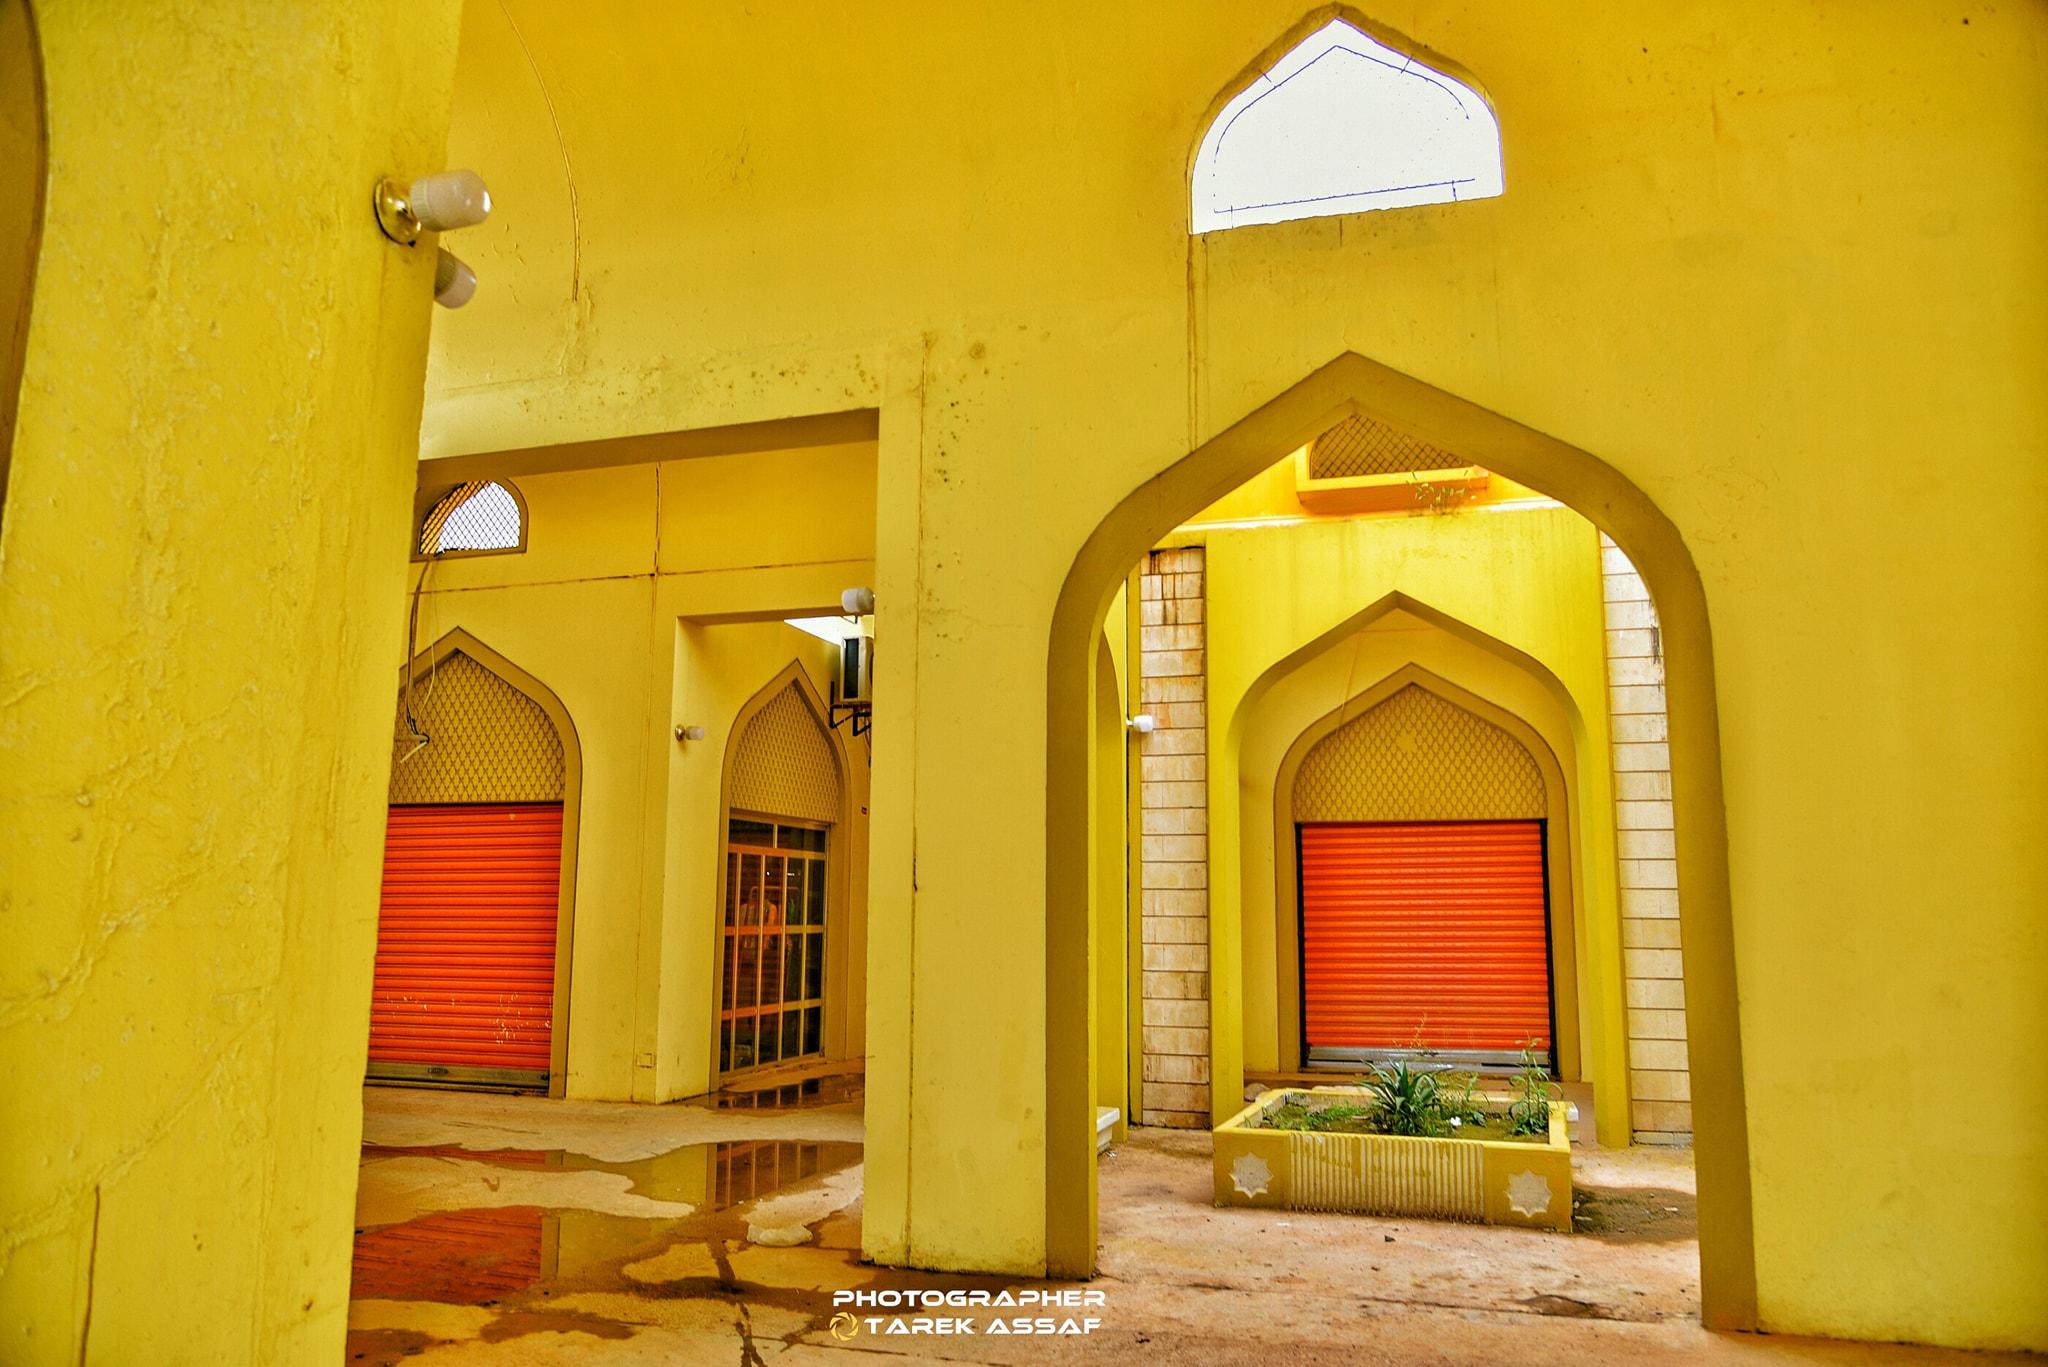 بالصور… السوق الاصفر في الانبار